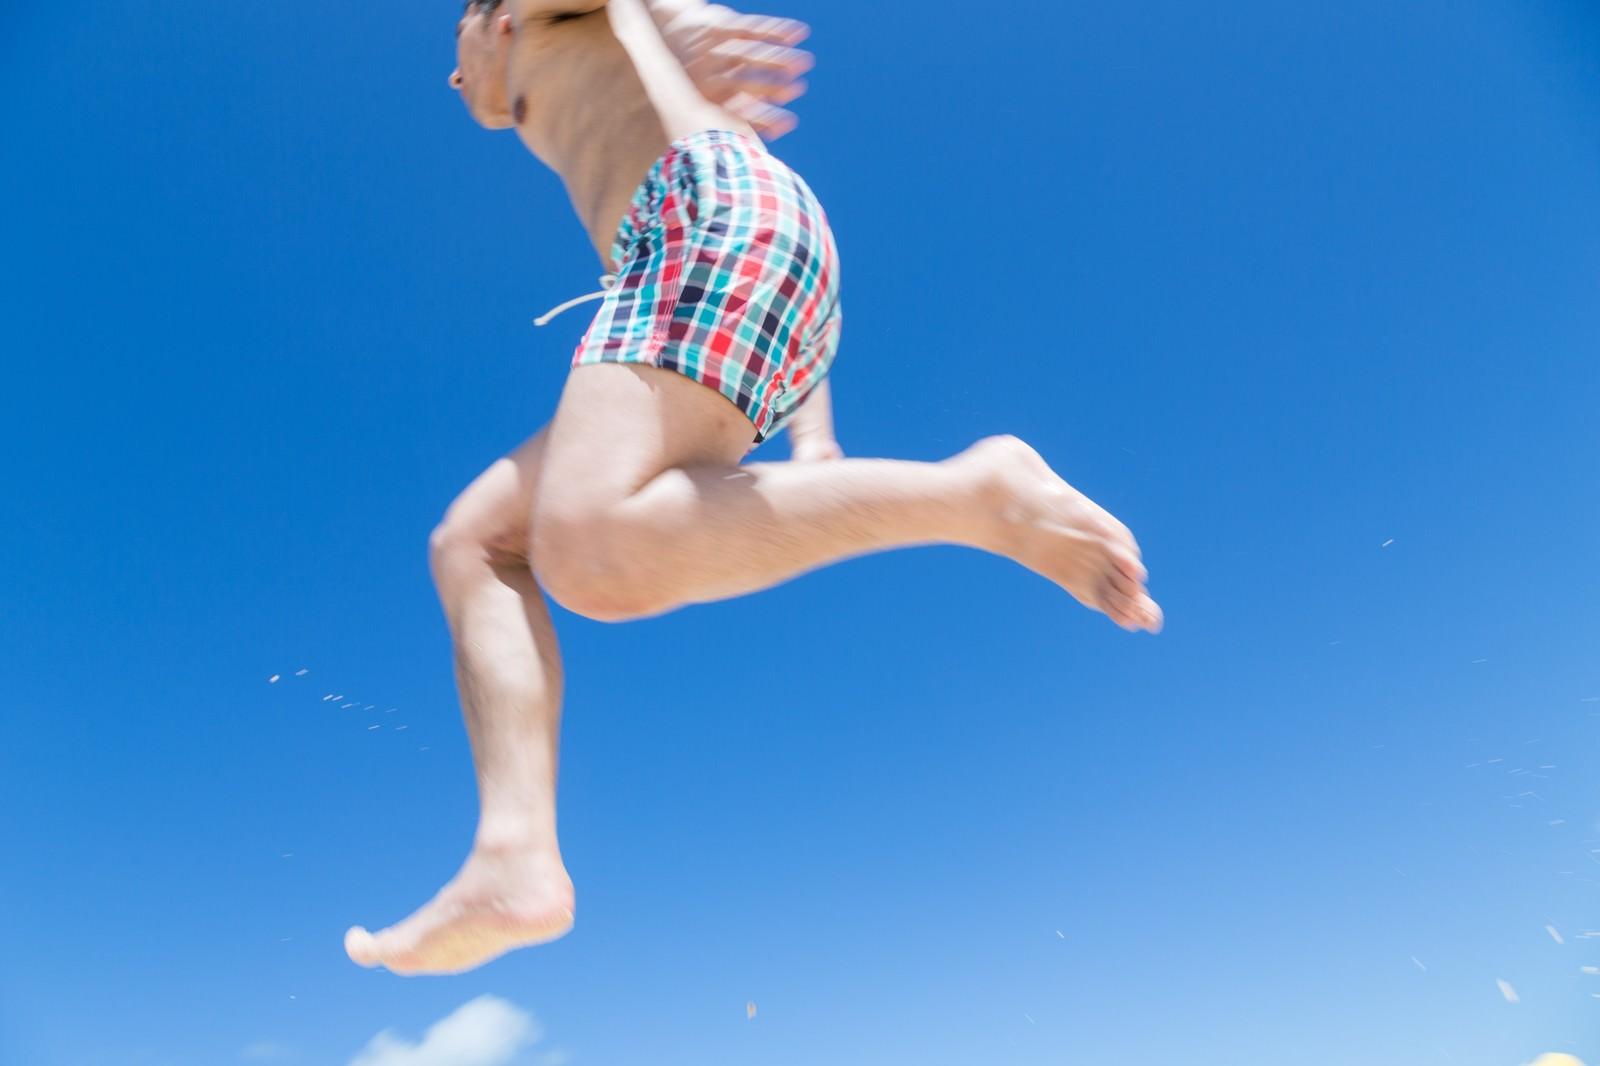 「海開き飛び跳ねてではしゃぐ男子」の写真[モデル:大川竜弥]